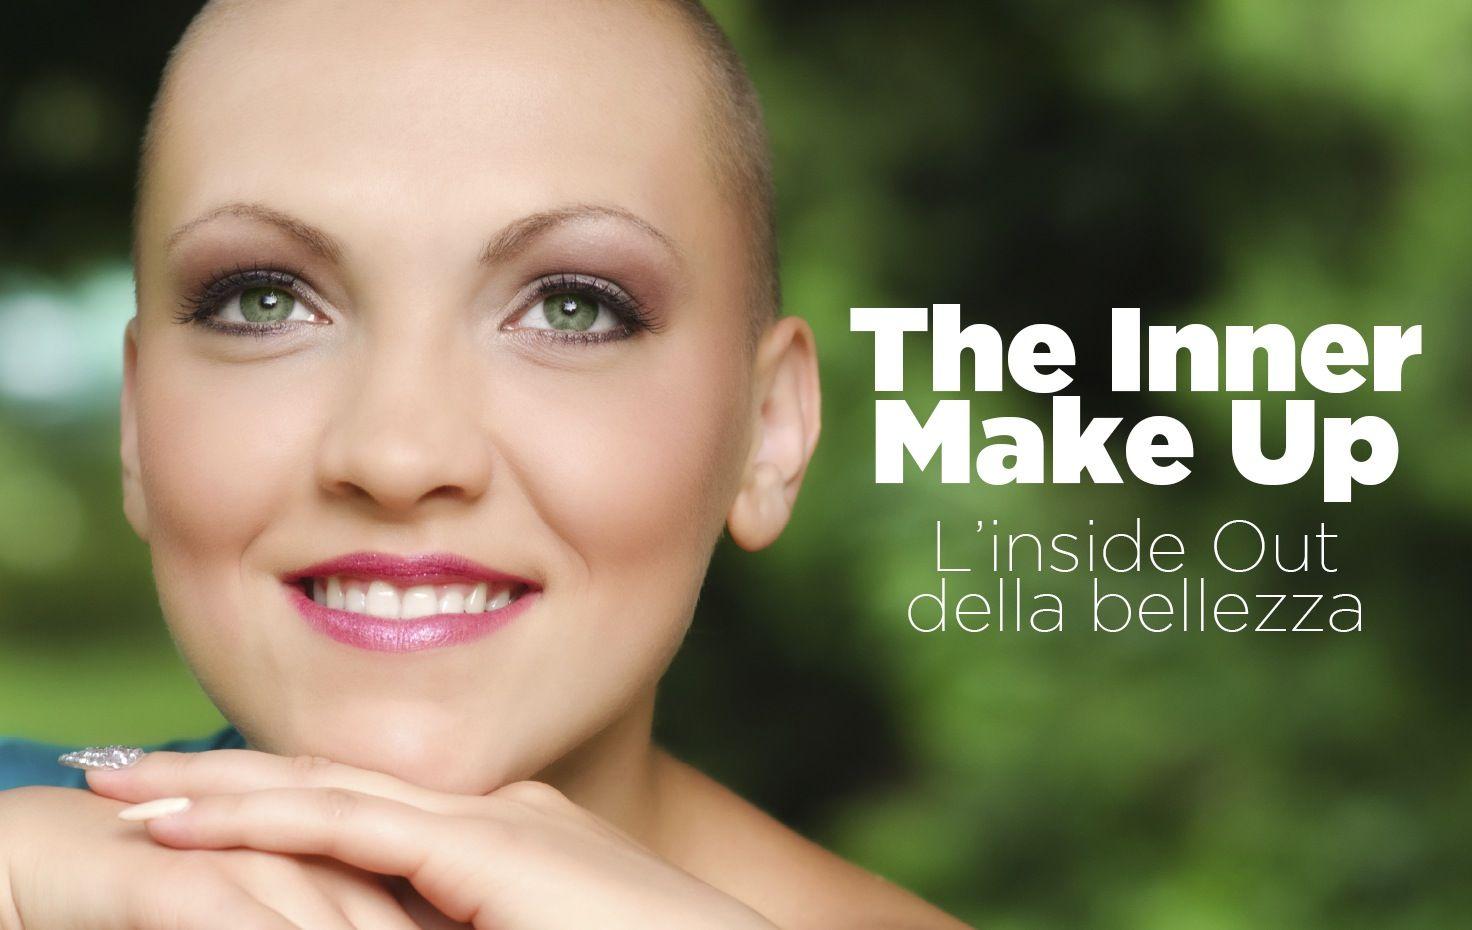 1450189876995584-The-inner-make-up-1